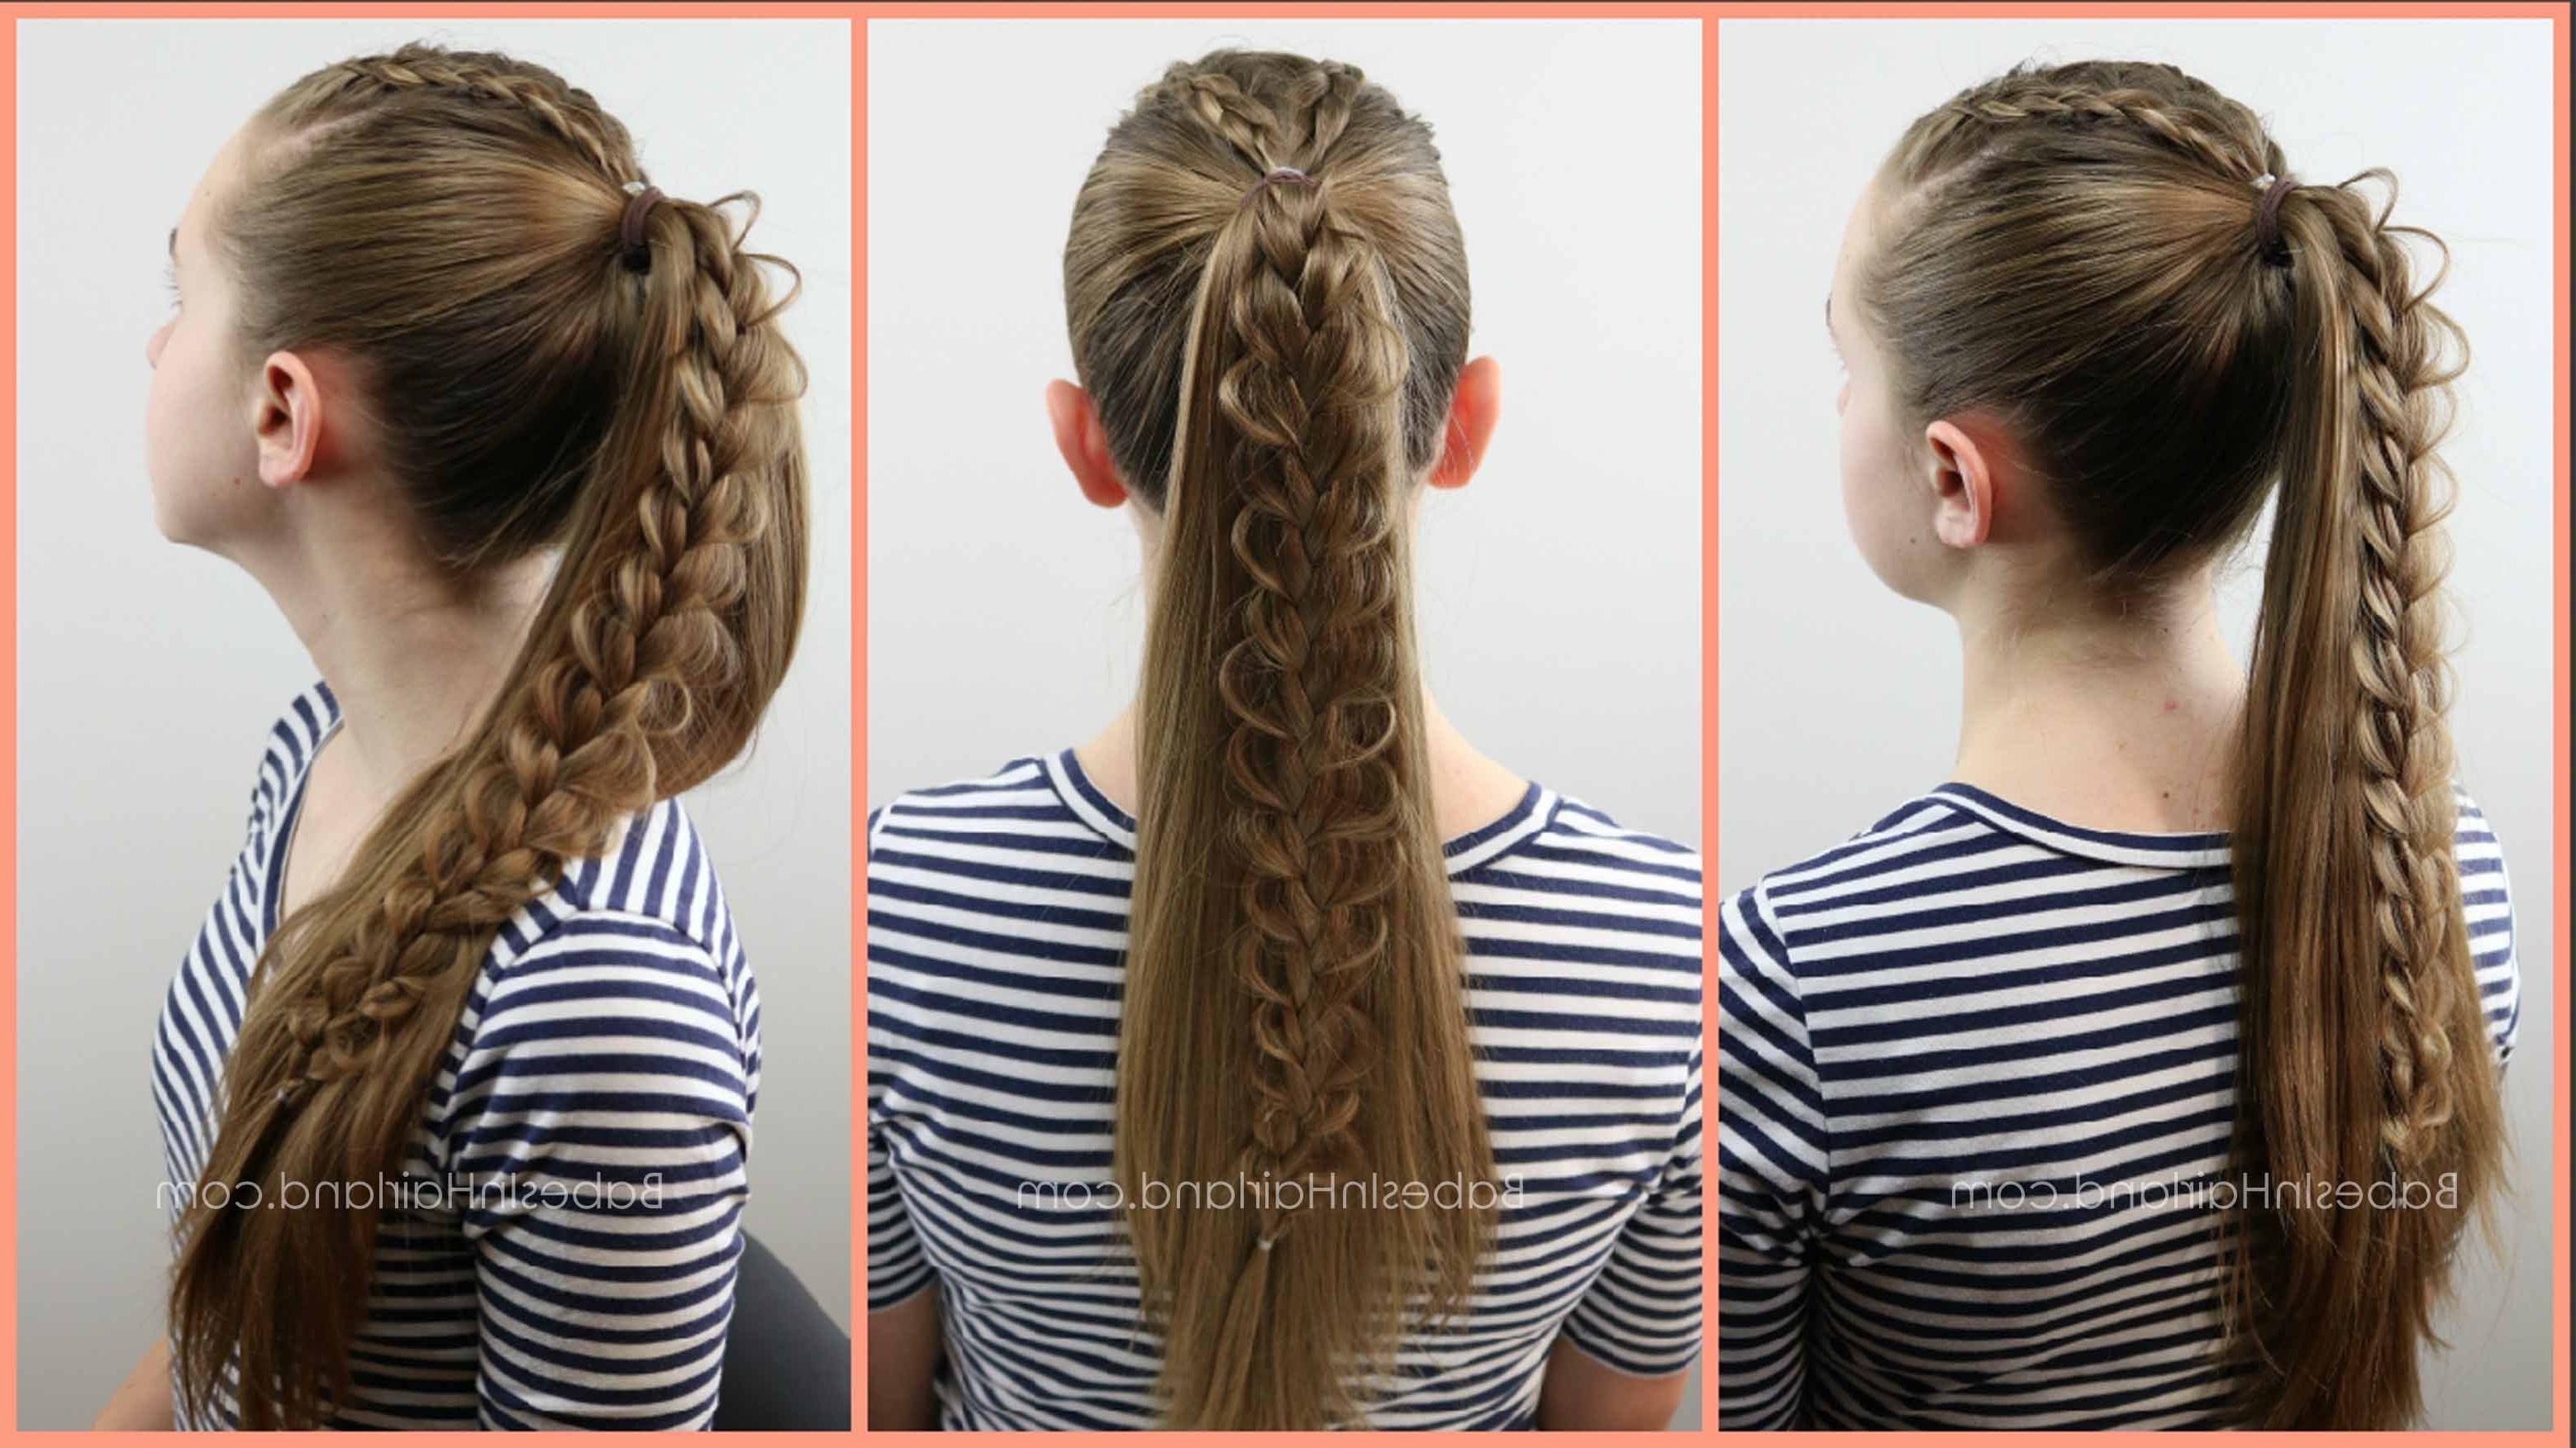 2018 Dutch Braid Pony Hairstyles Regarding 2 Dutch Braids 5 Different Hairstyles (View 2 of 20)